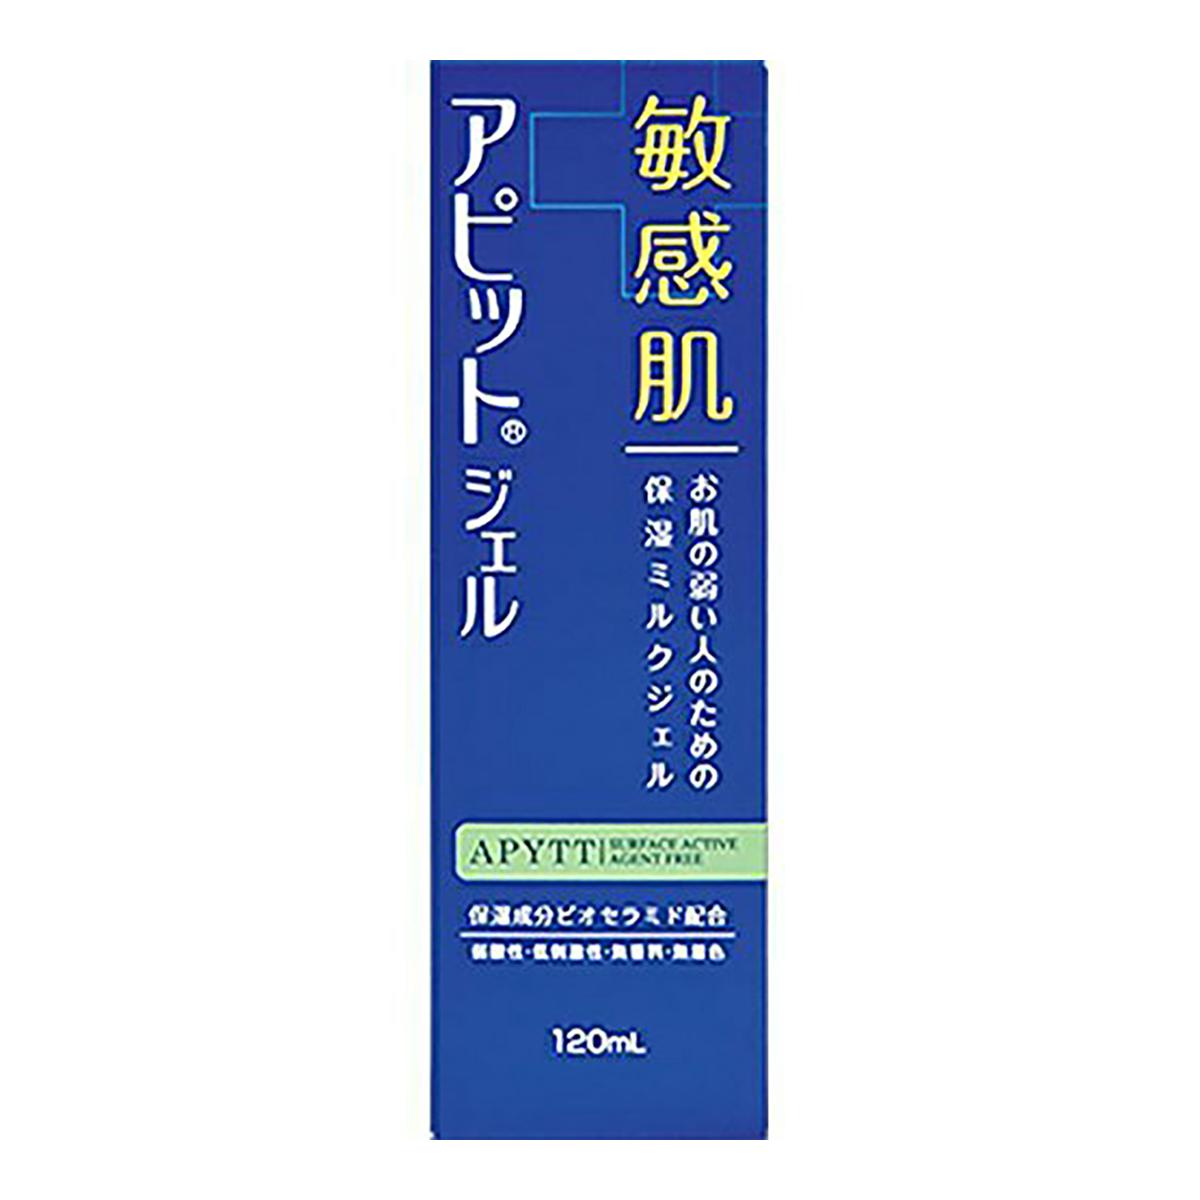 【送料無料・まとめ買い×10】全薬工業 アピットジェル S 120ml